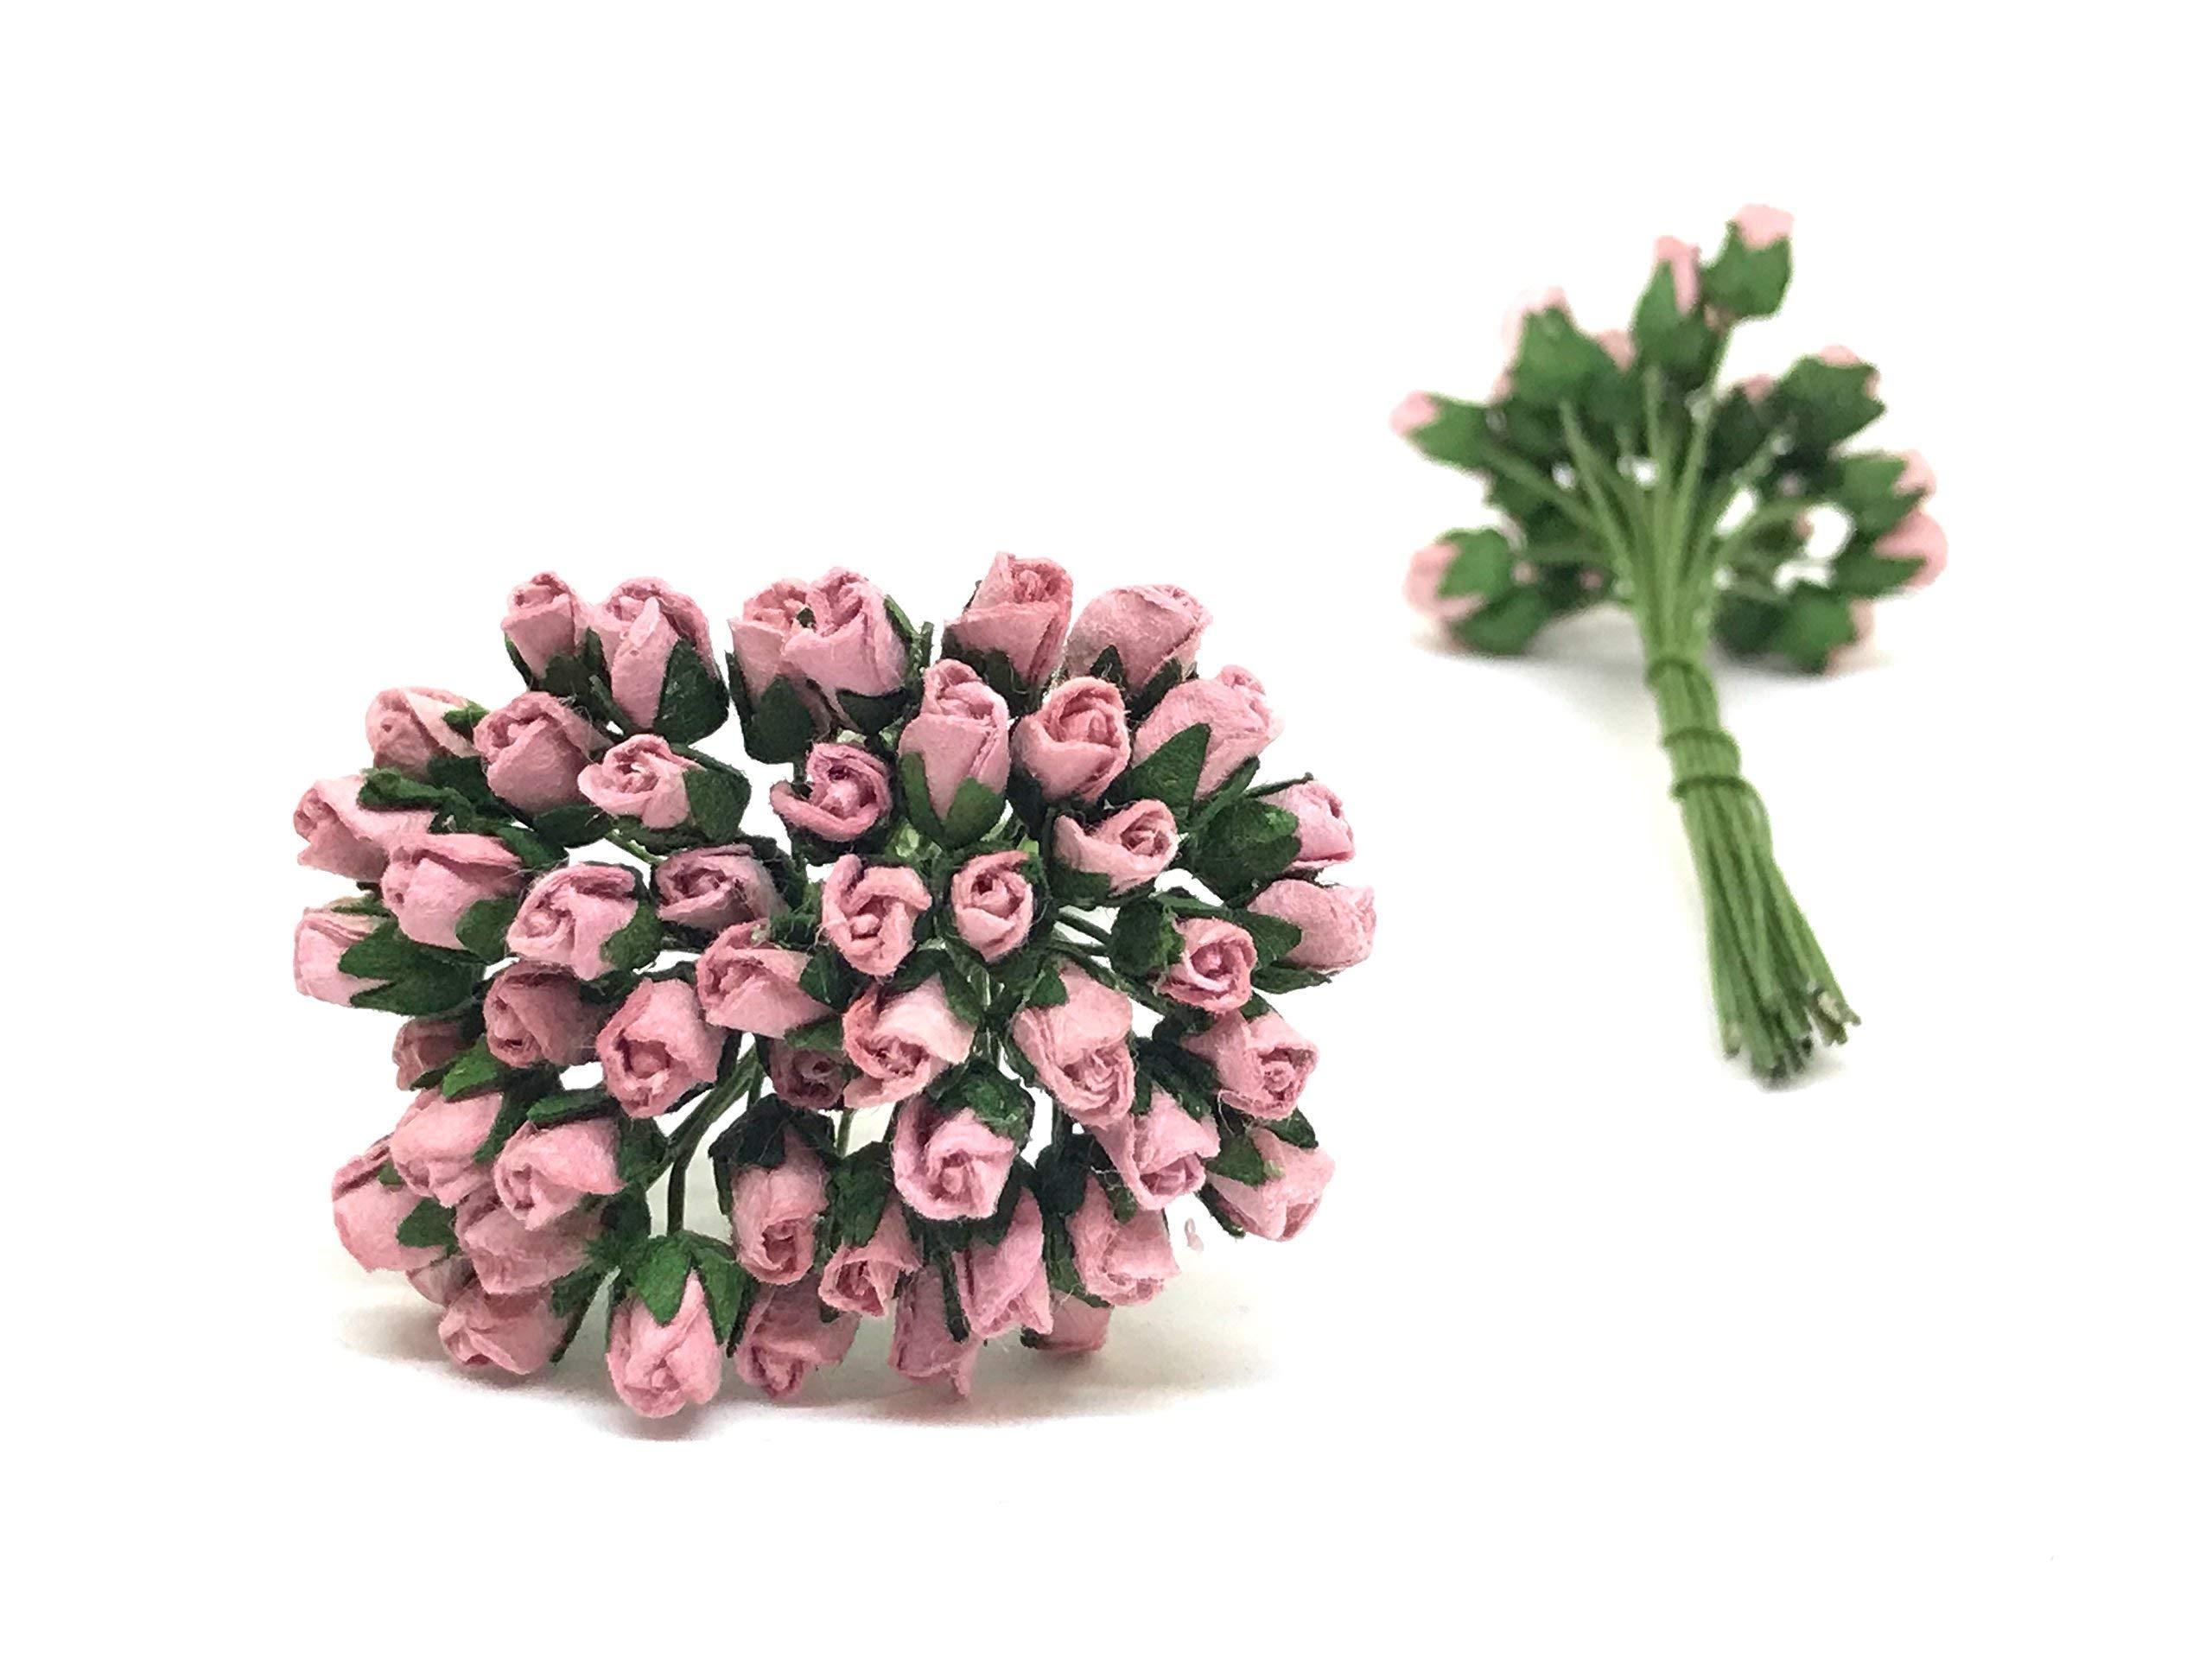 12cm-Mauve-Paper-Roses-Mulberry-Paper-Flowers-Miniature-Flowers-Mulberry-Paper-Rose-Buds-Paper-Rose-Flower-Wedding-Favor-Decor-Miniature-Rose-DIY-Bouquet-Scrapbooking-Flowers-50-Pieces